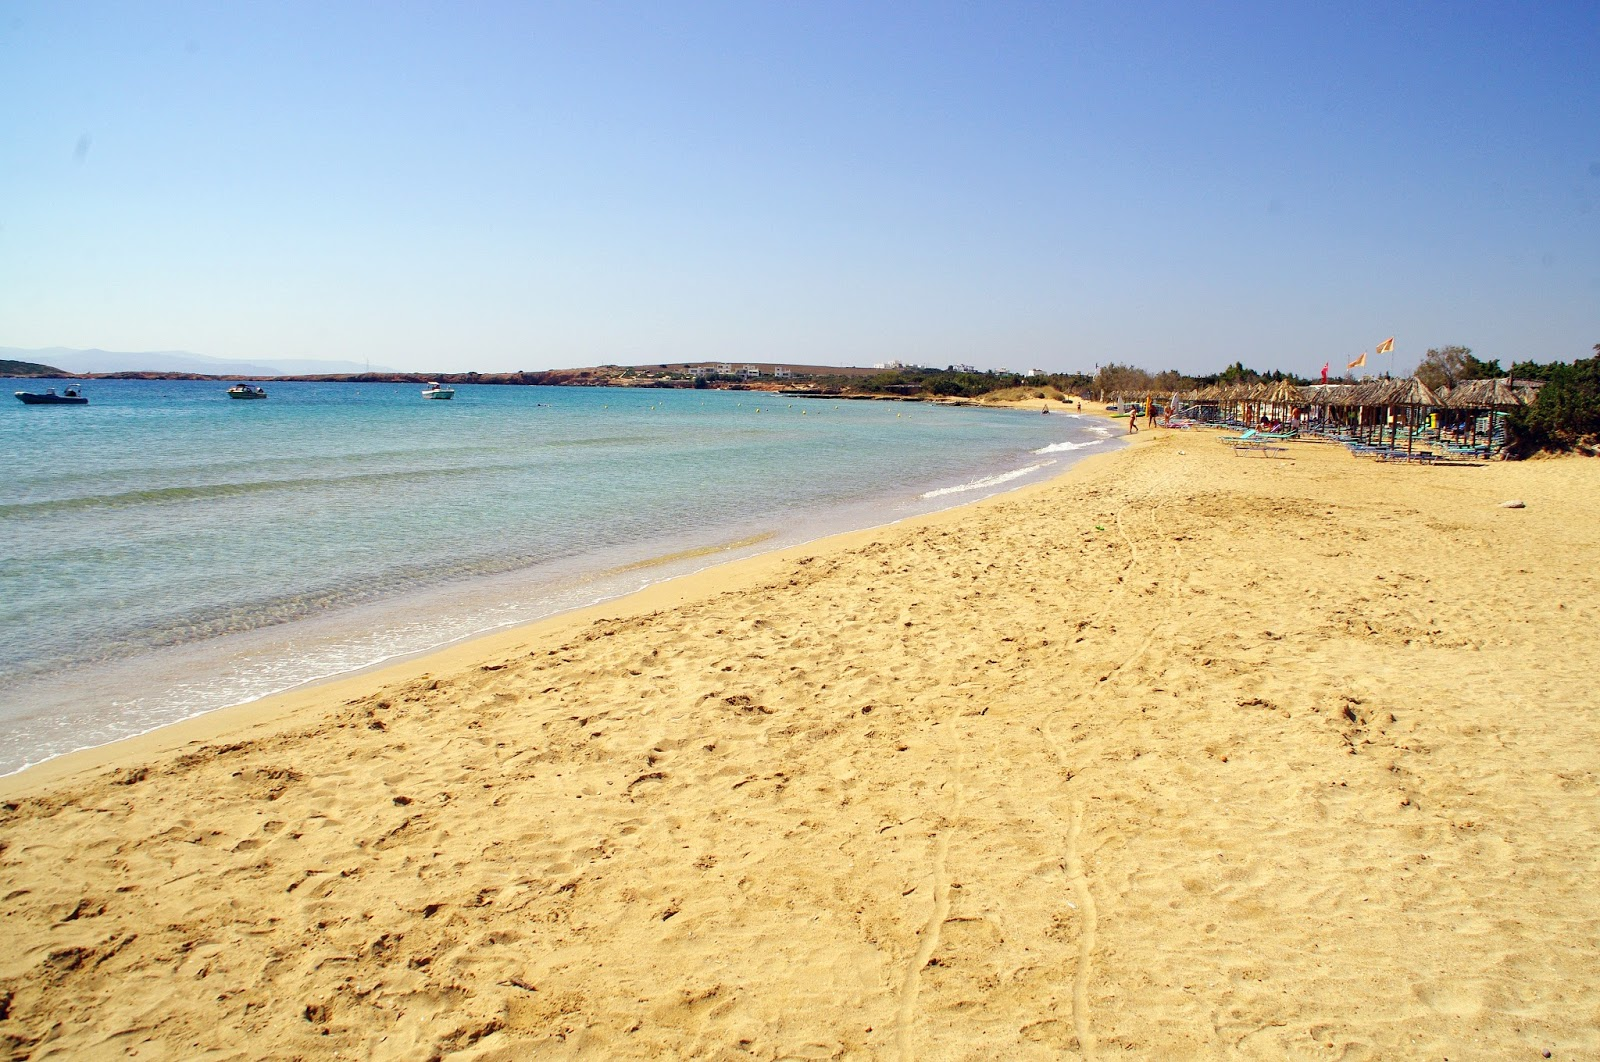 Paros Beaches: Exploring The Beautiful Greek Island Of Paros With Auto